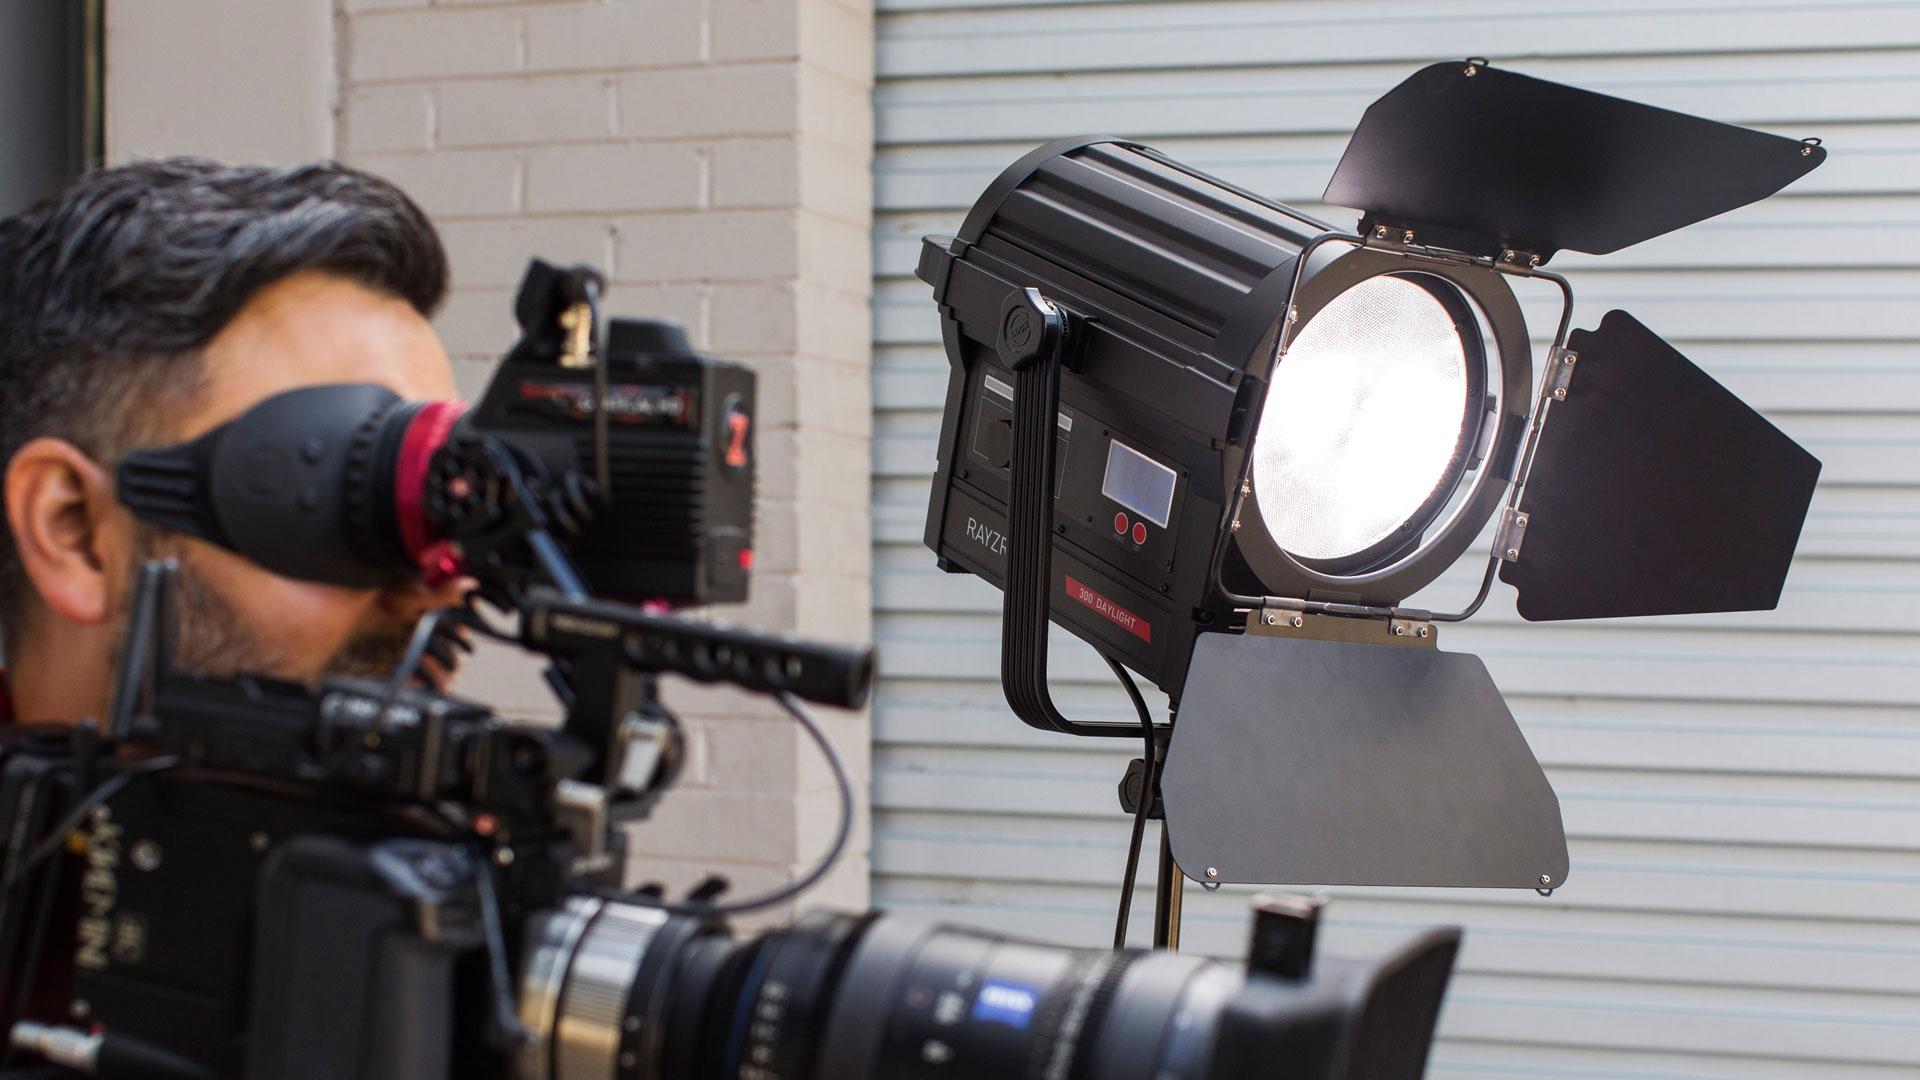 Rayzr 7がバッテリー駆動もできるフルネル型LEDライト4機種を発表